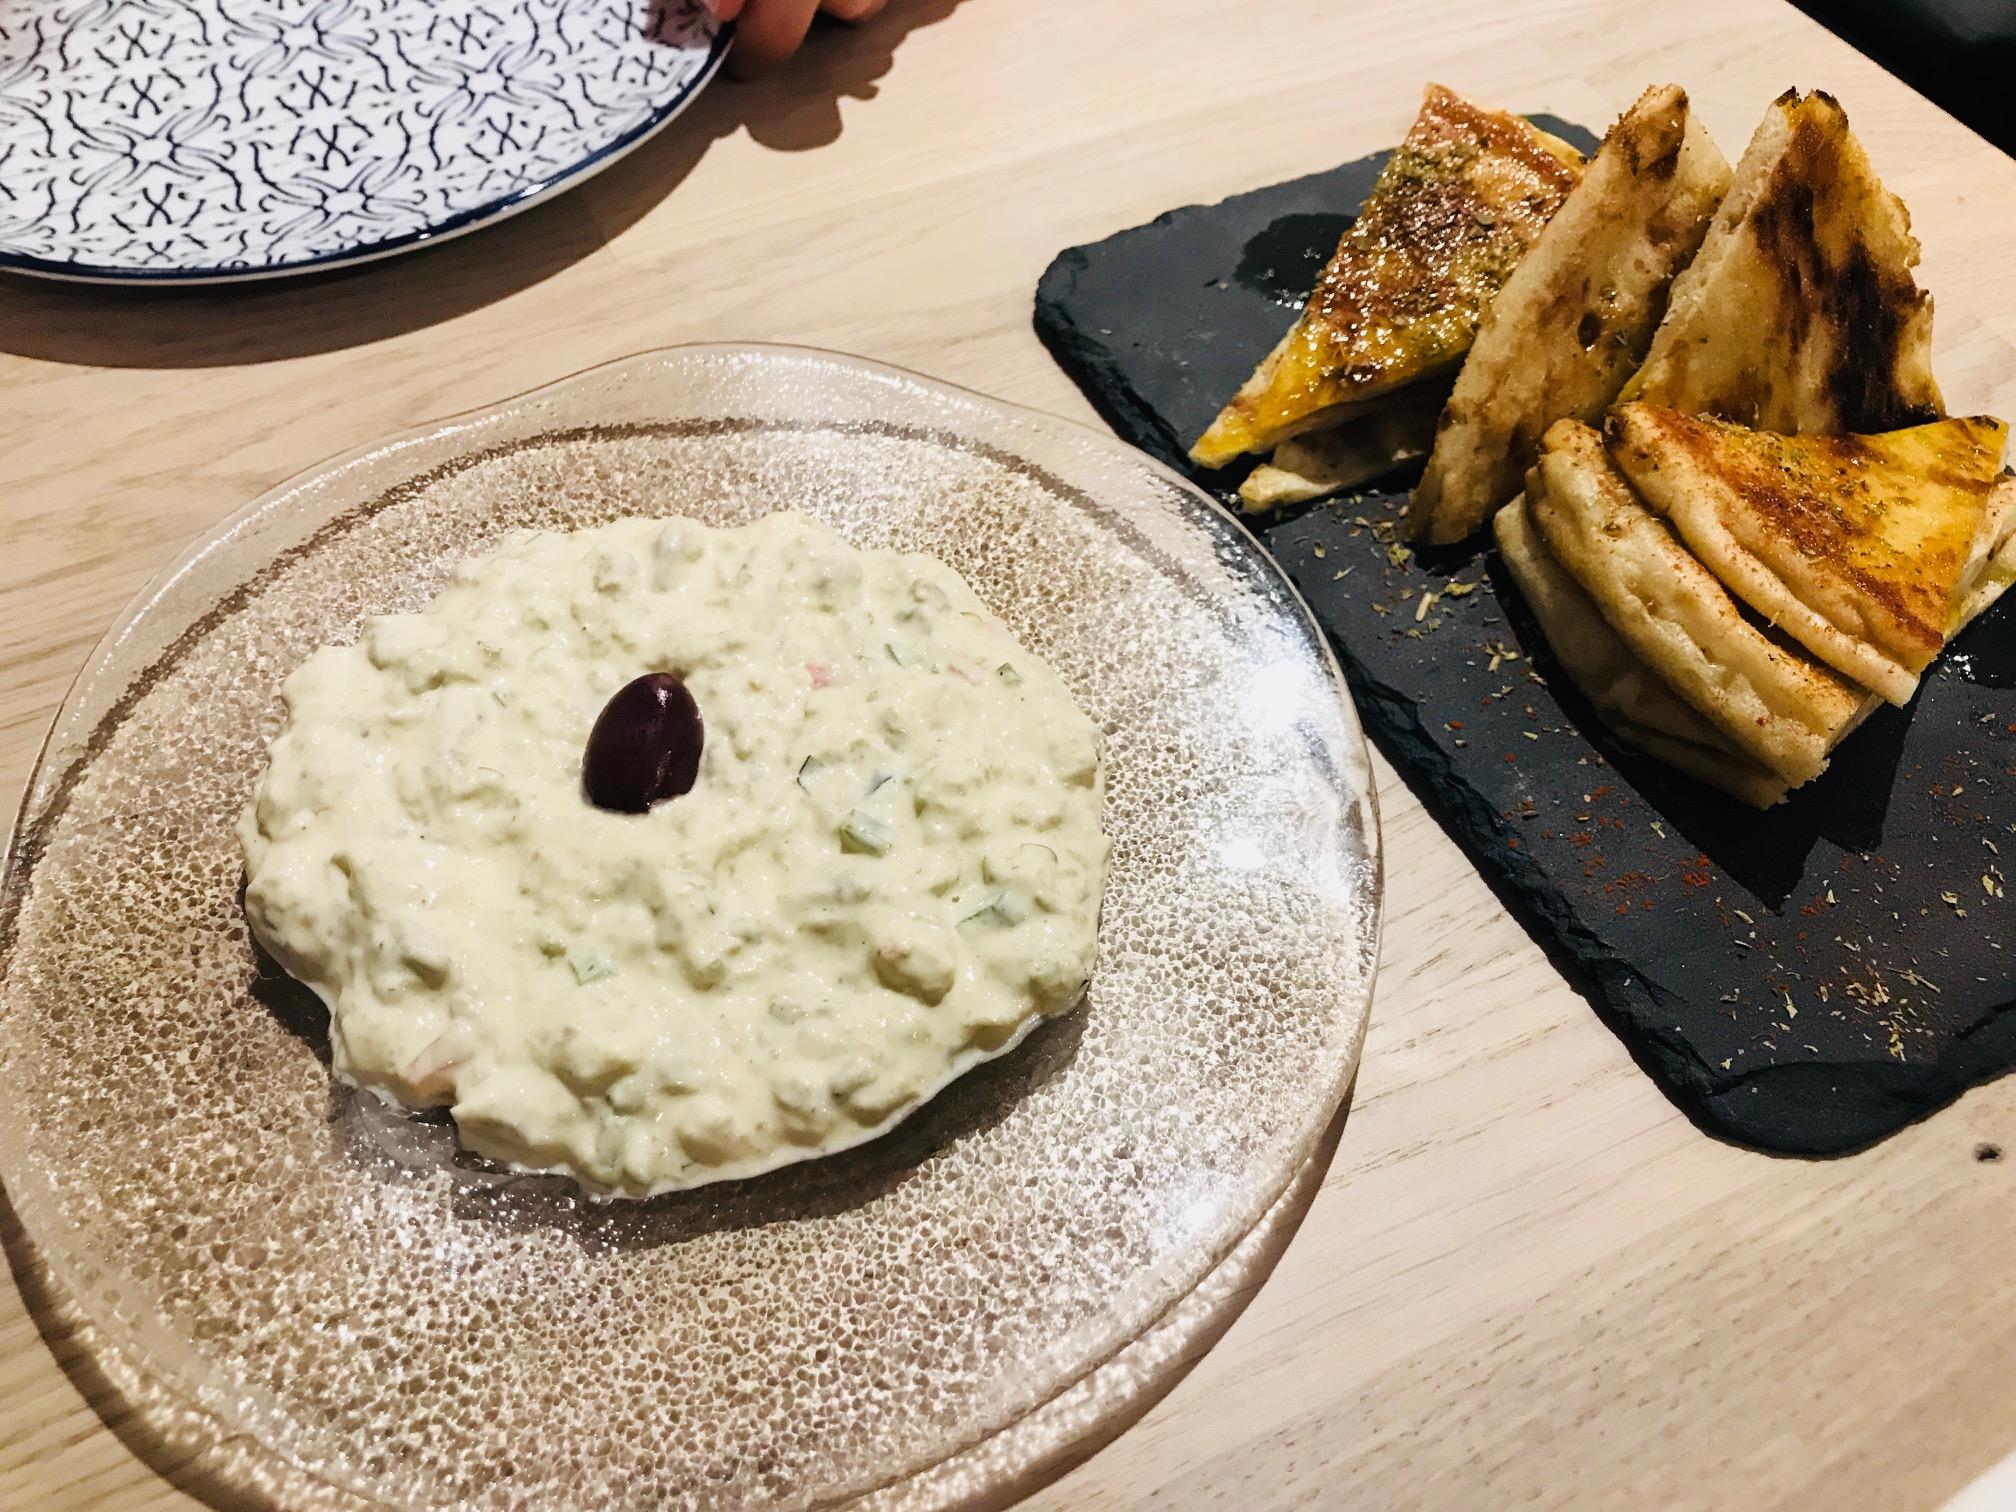 melitzanosalata: ensaladilla de berenjena